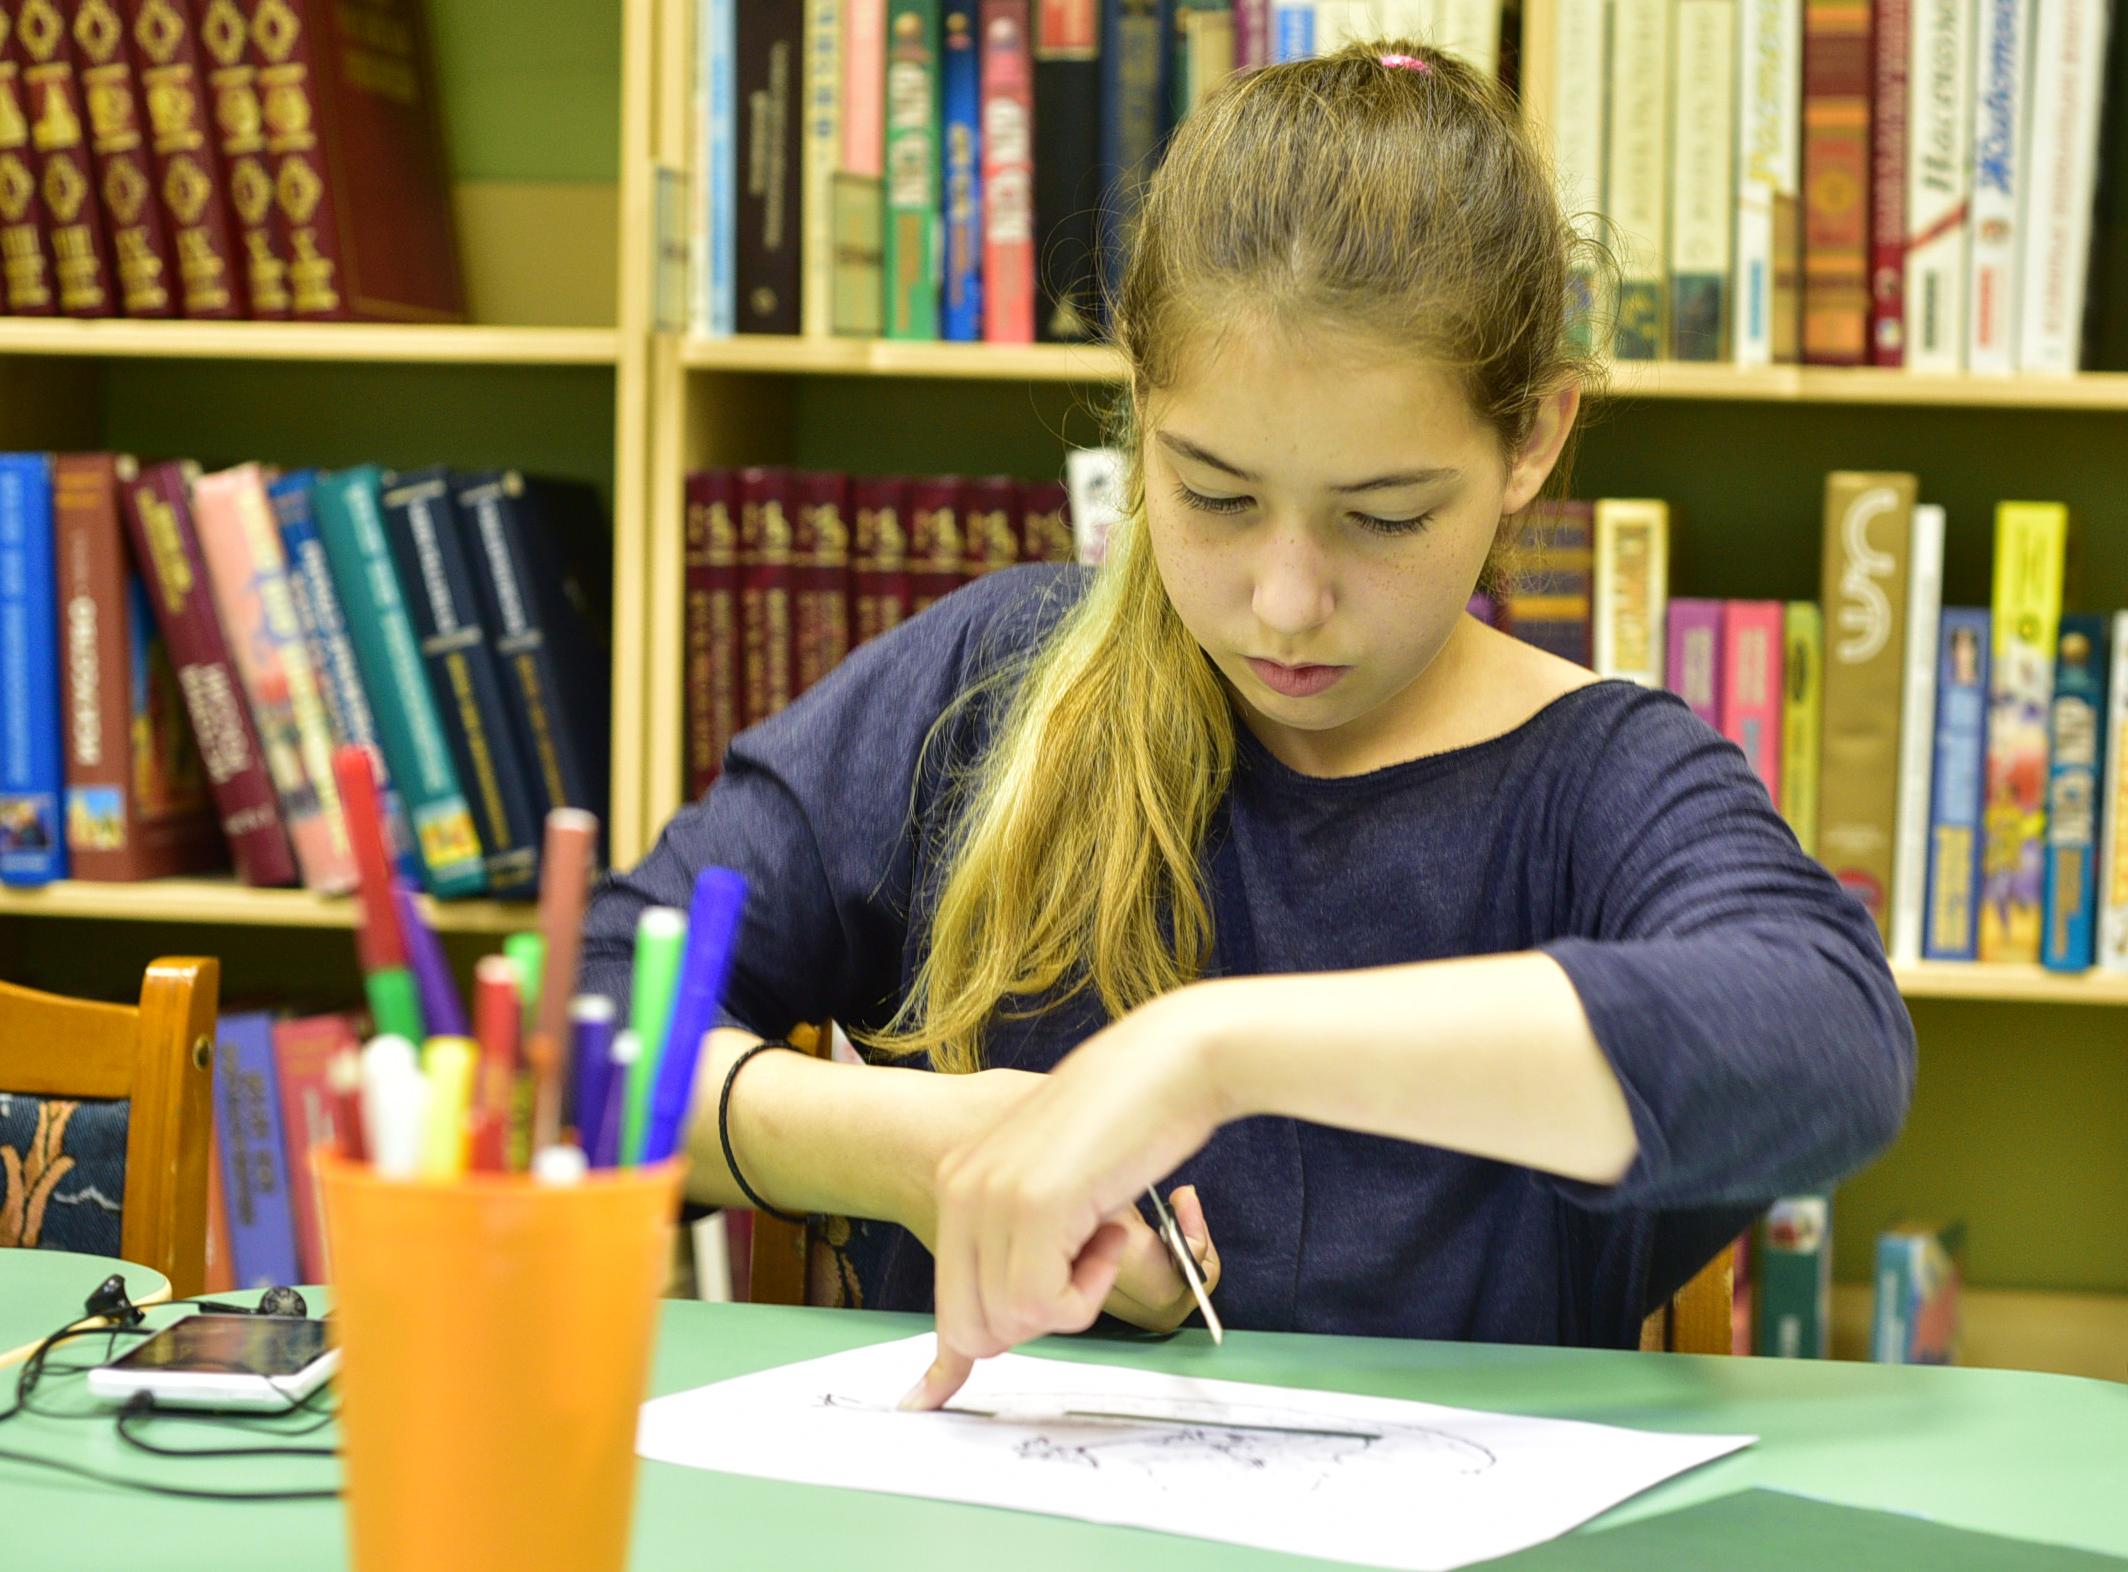 Центр творчества на юге Москвы пригласил детей на мастер-классы